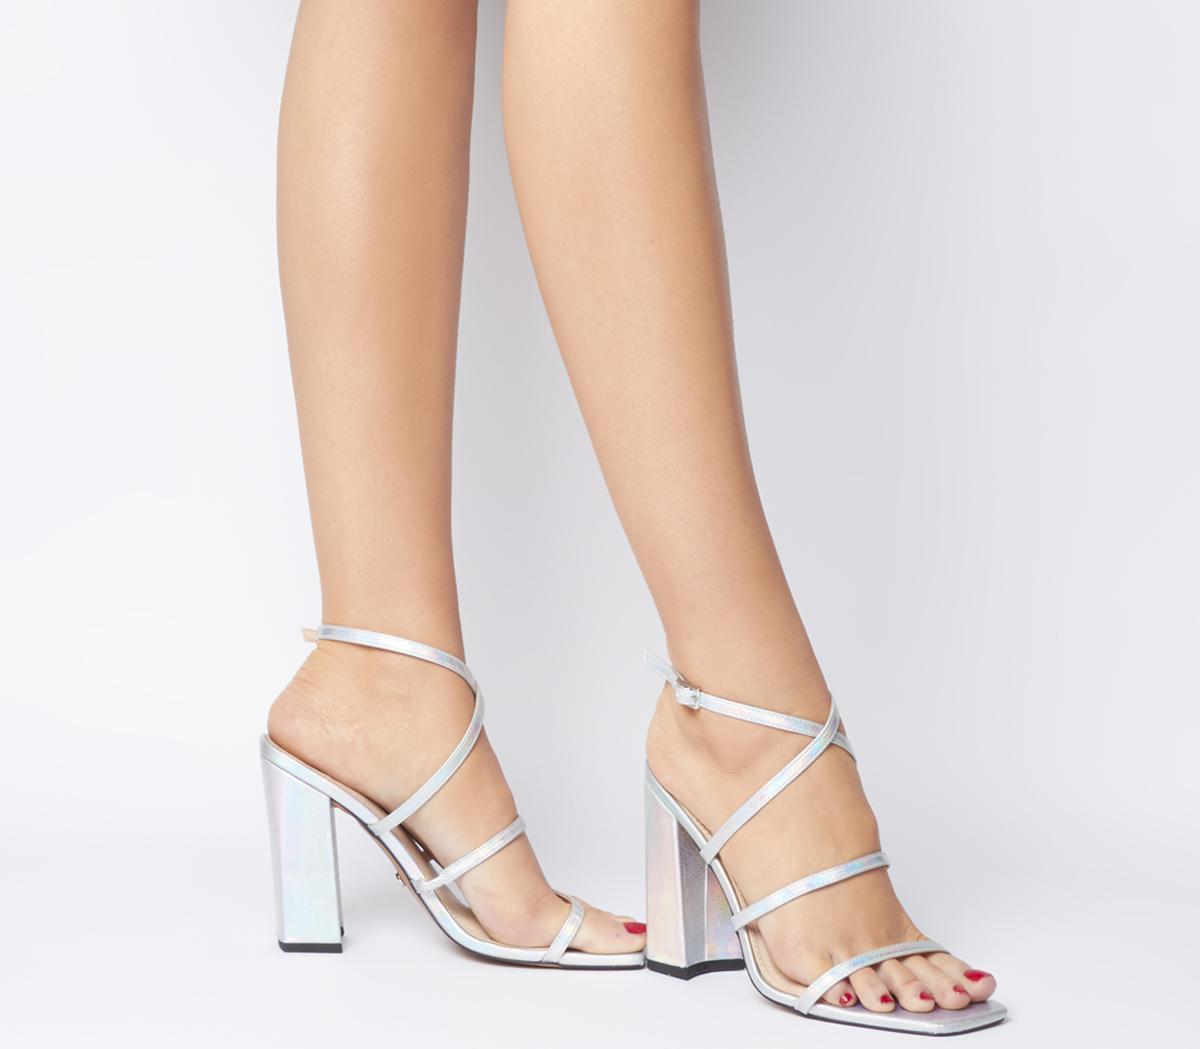 Hasty Iridescent Block Heels